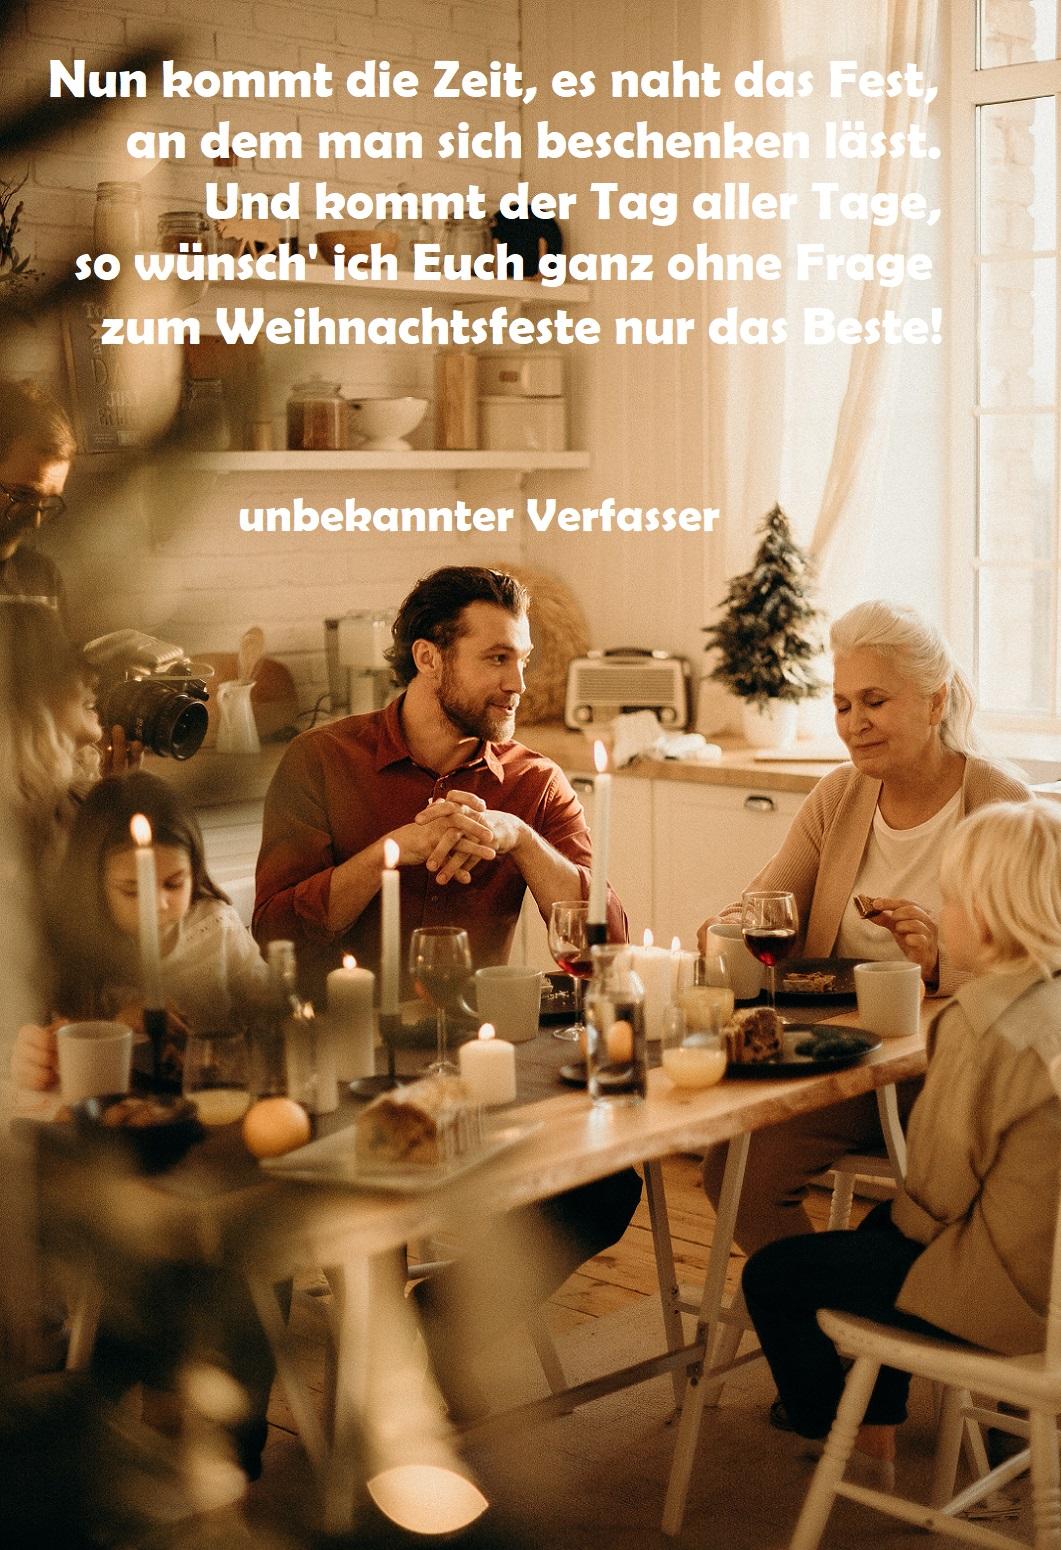 Weihnachtswünsche Bild 22